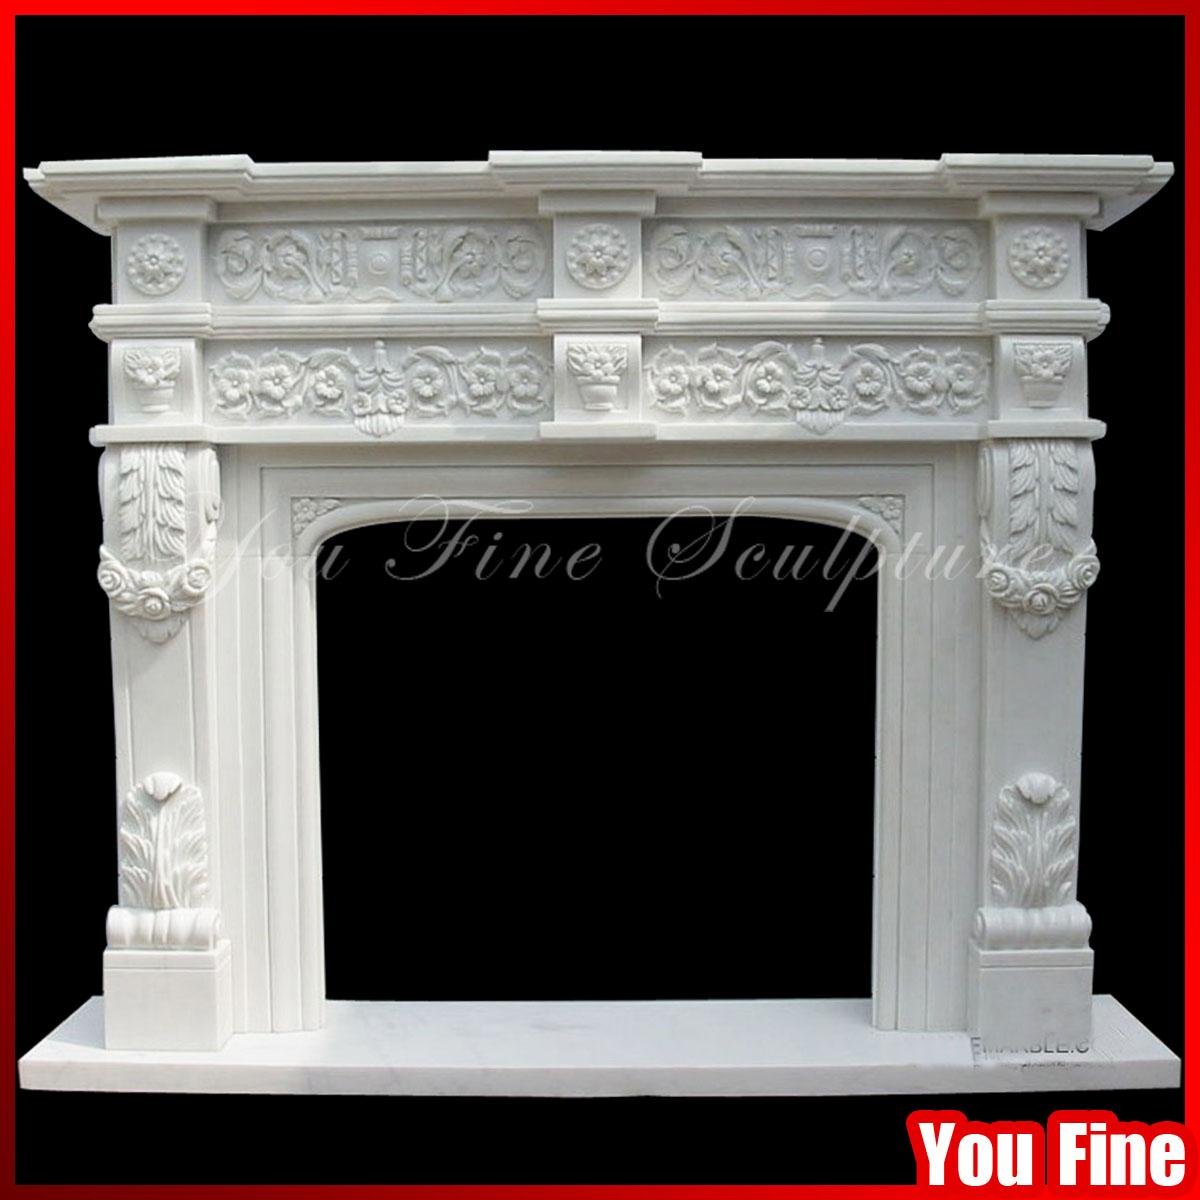 decorative electric fireplace decorative electric fireplace